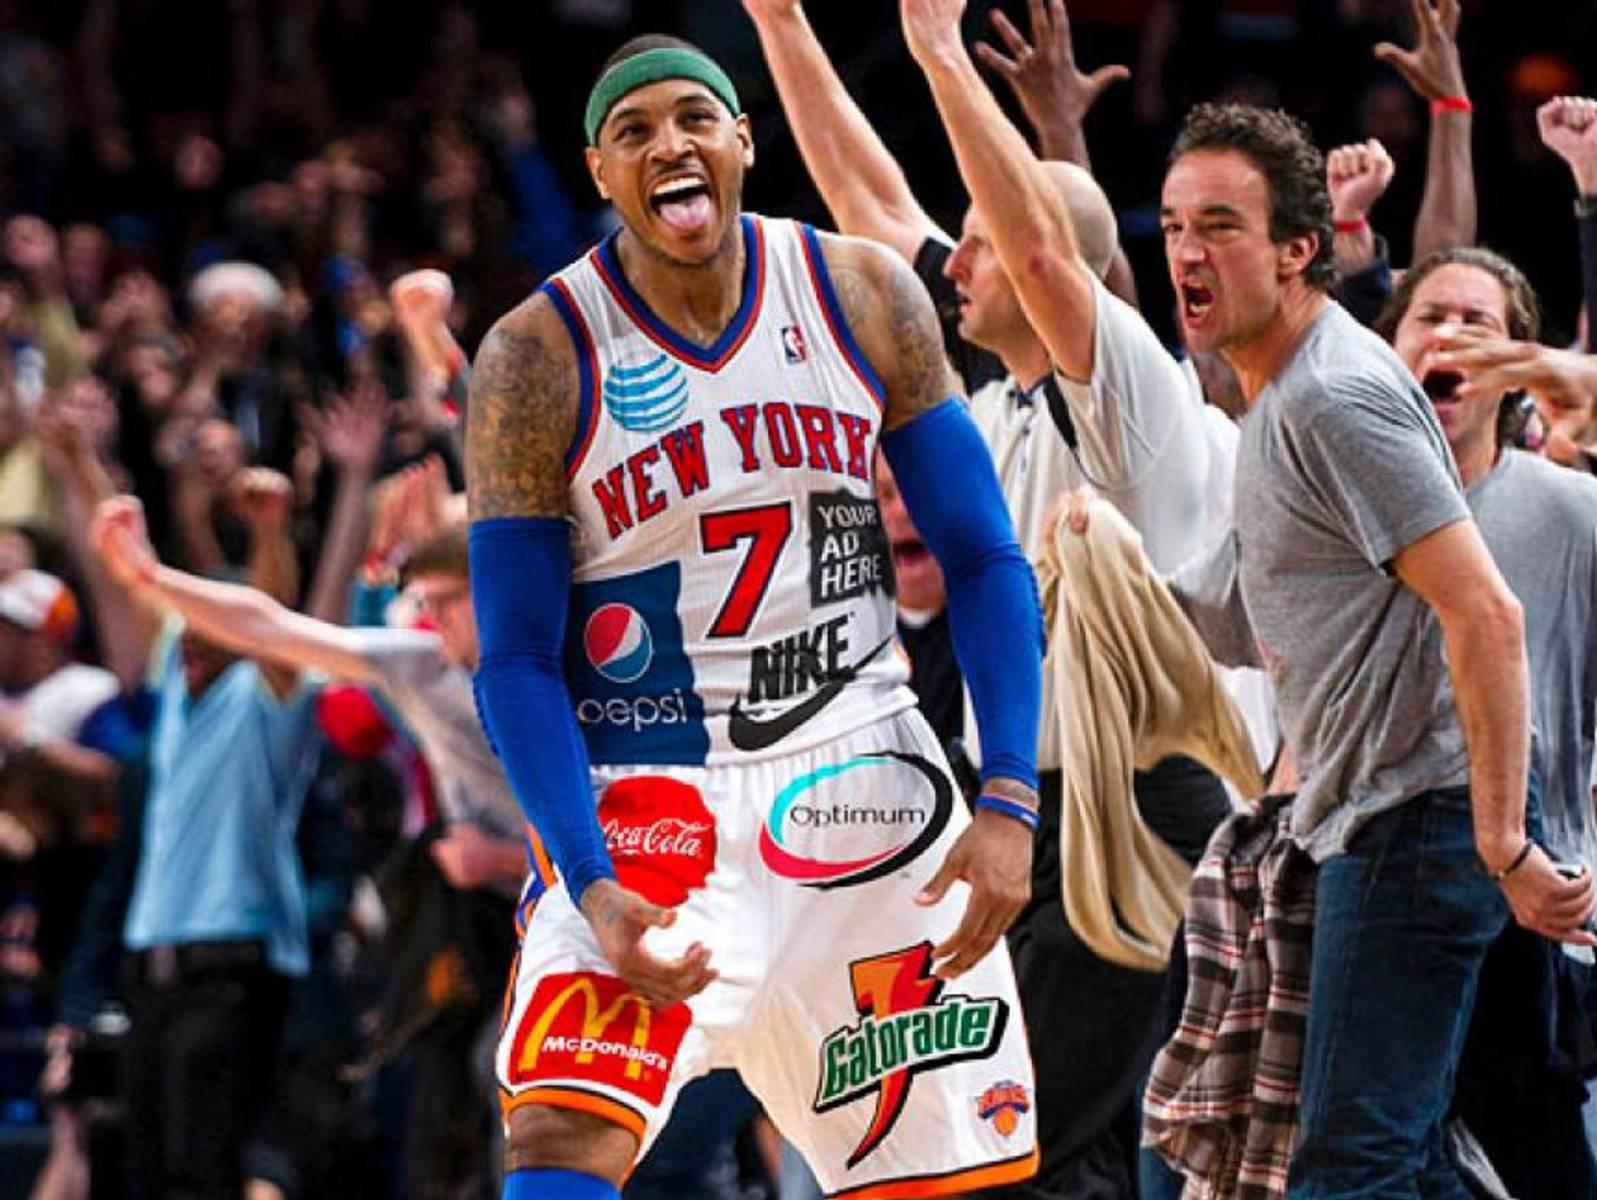 仅6支球队签约品牌,价值1.5亿美元的NBA球衣广告生意怎么做下去?